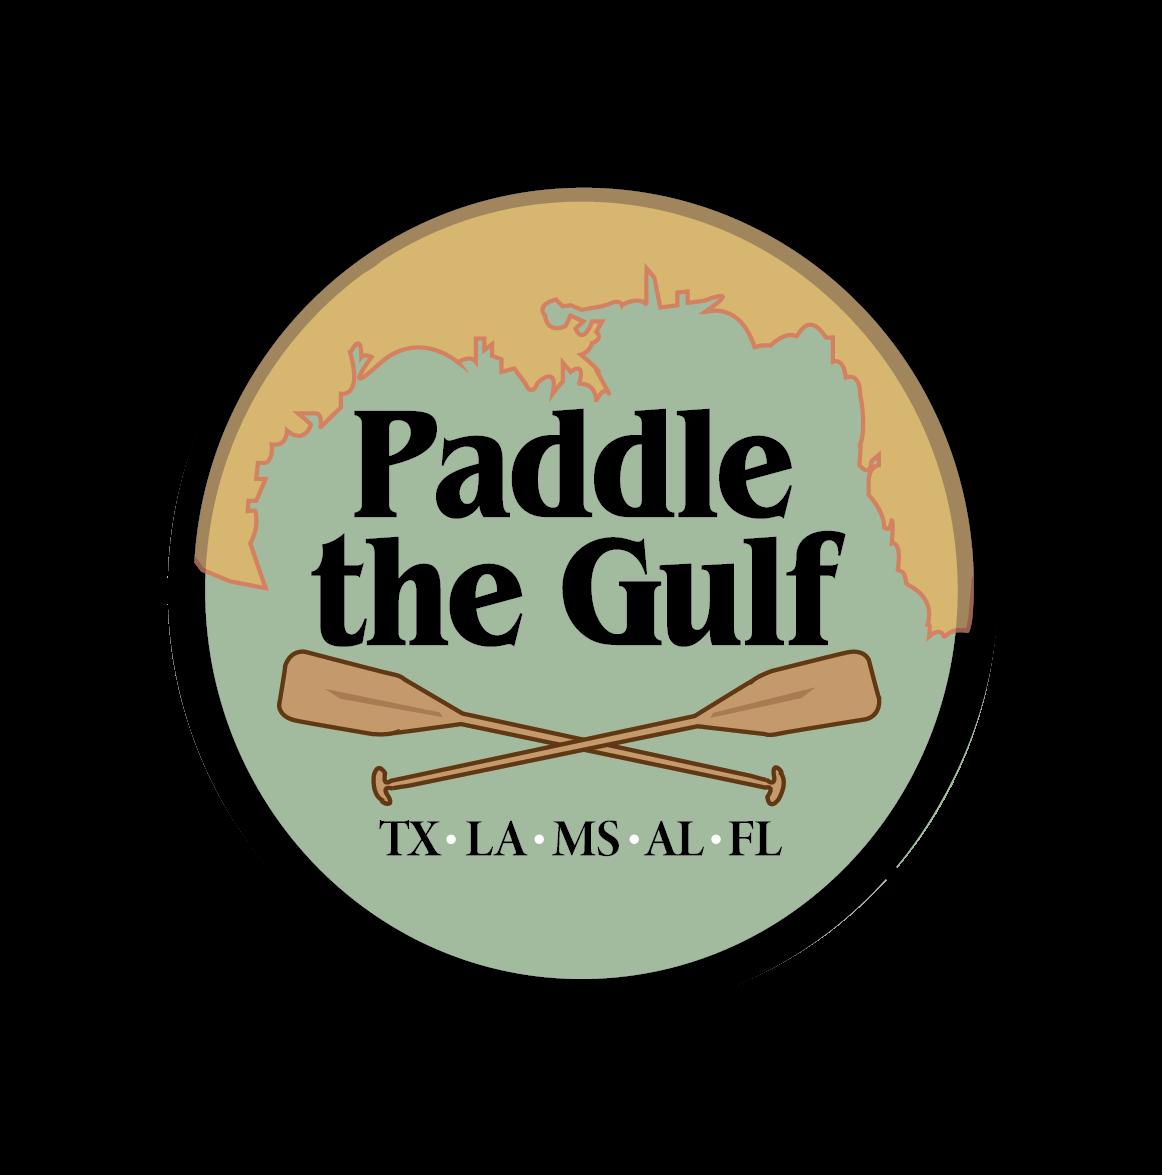 paddle-the-gulf-logo2